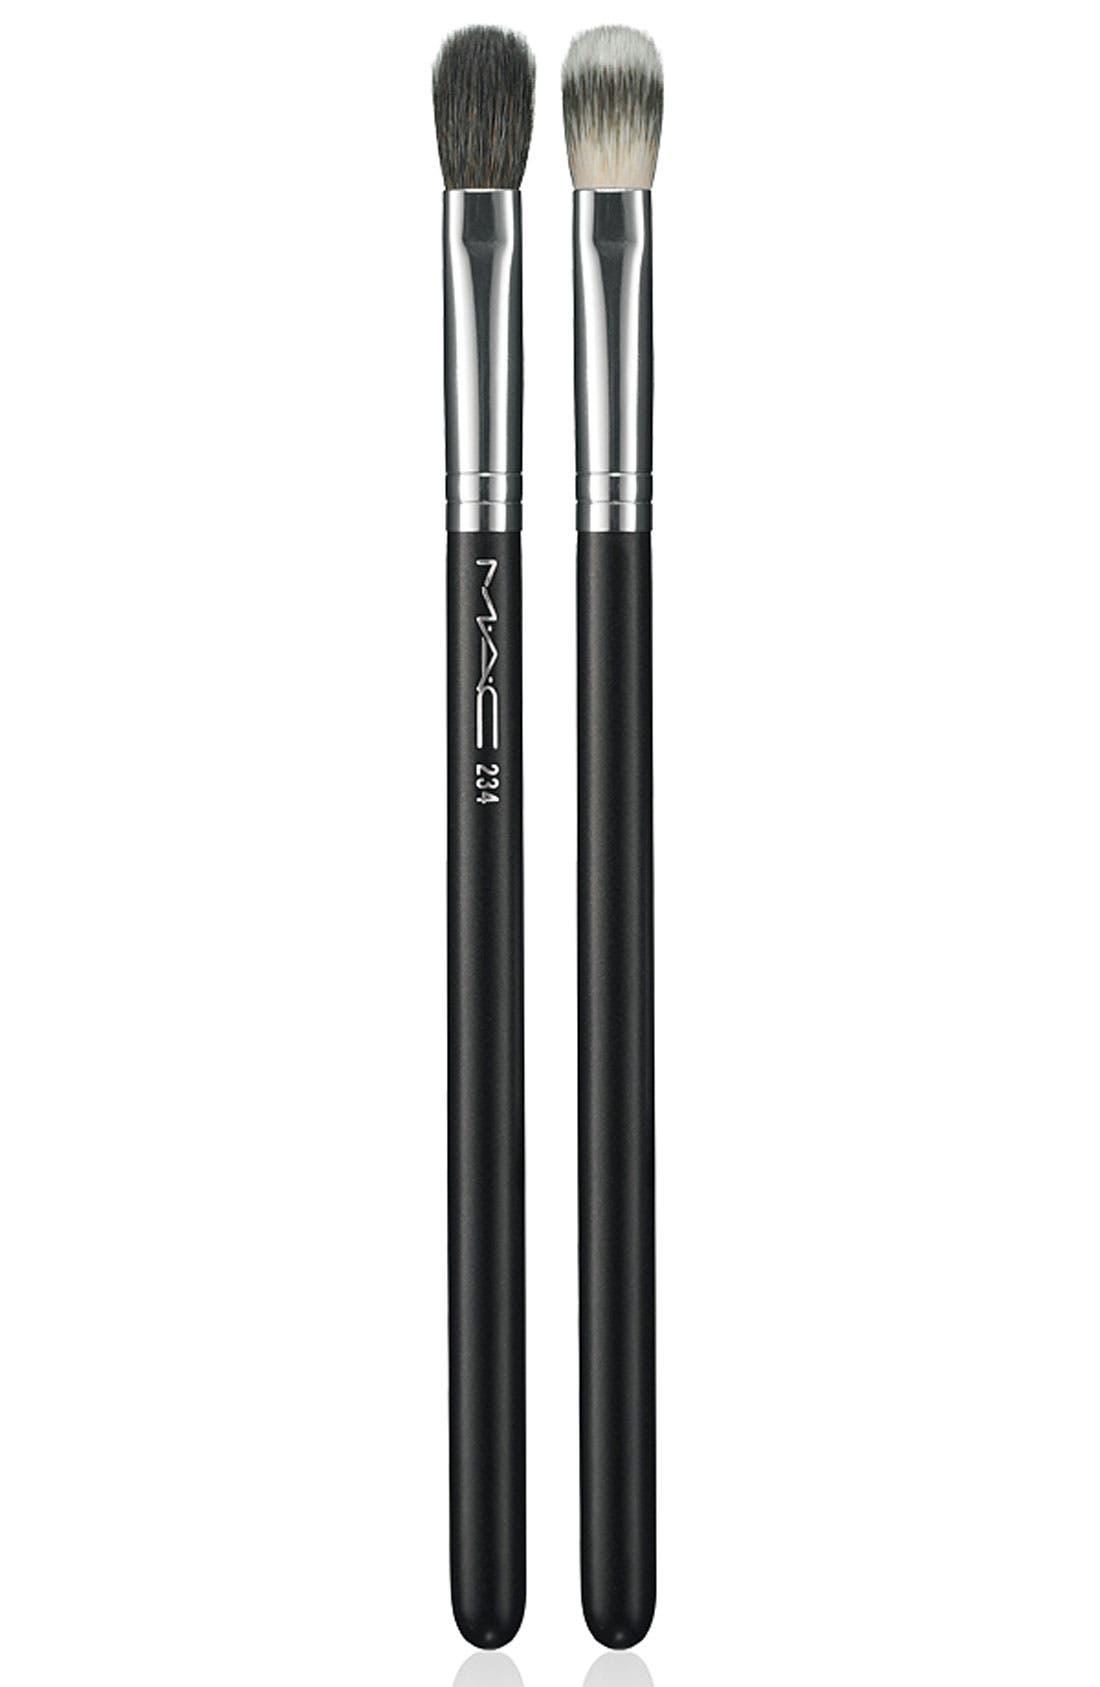 M·A·C 234 Split Fibre Eye Blending Brush,                             Main thumbnail 1, color,                             000